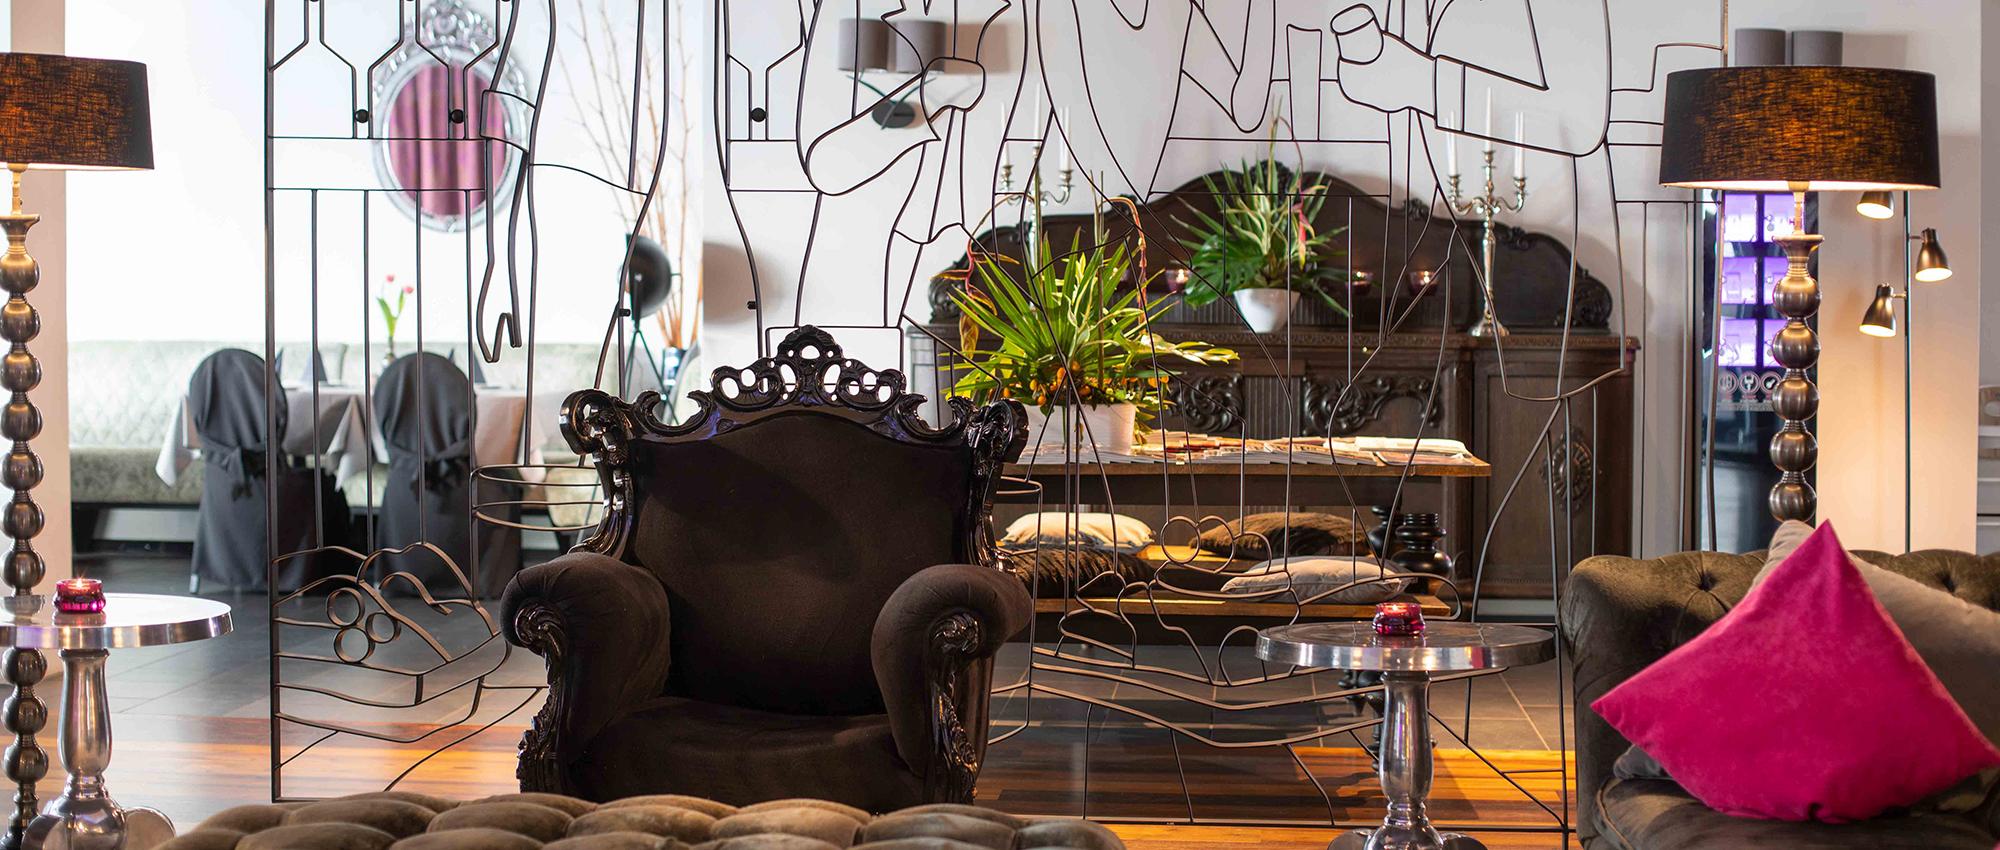 hotel-la-maison.com – Hotel la maison München – Offizielle Website